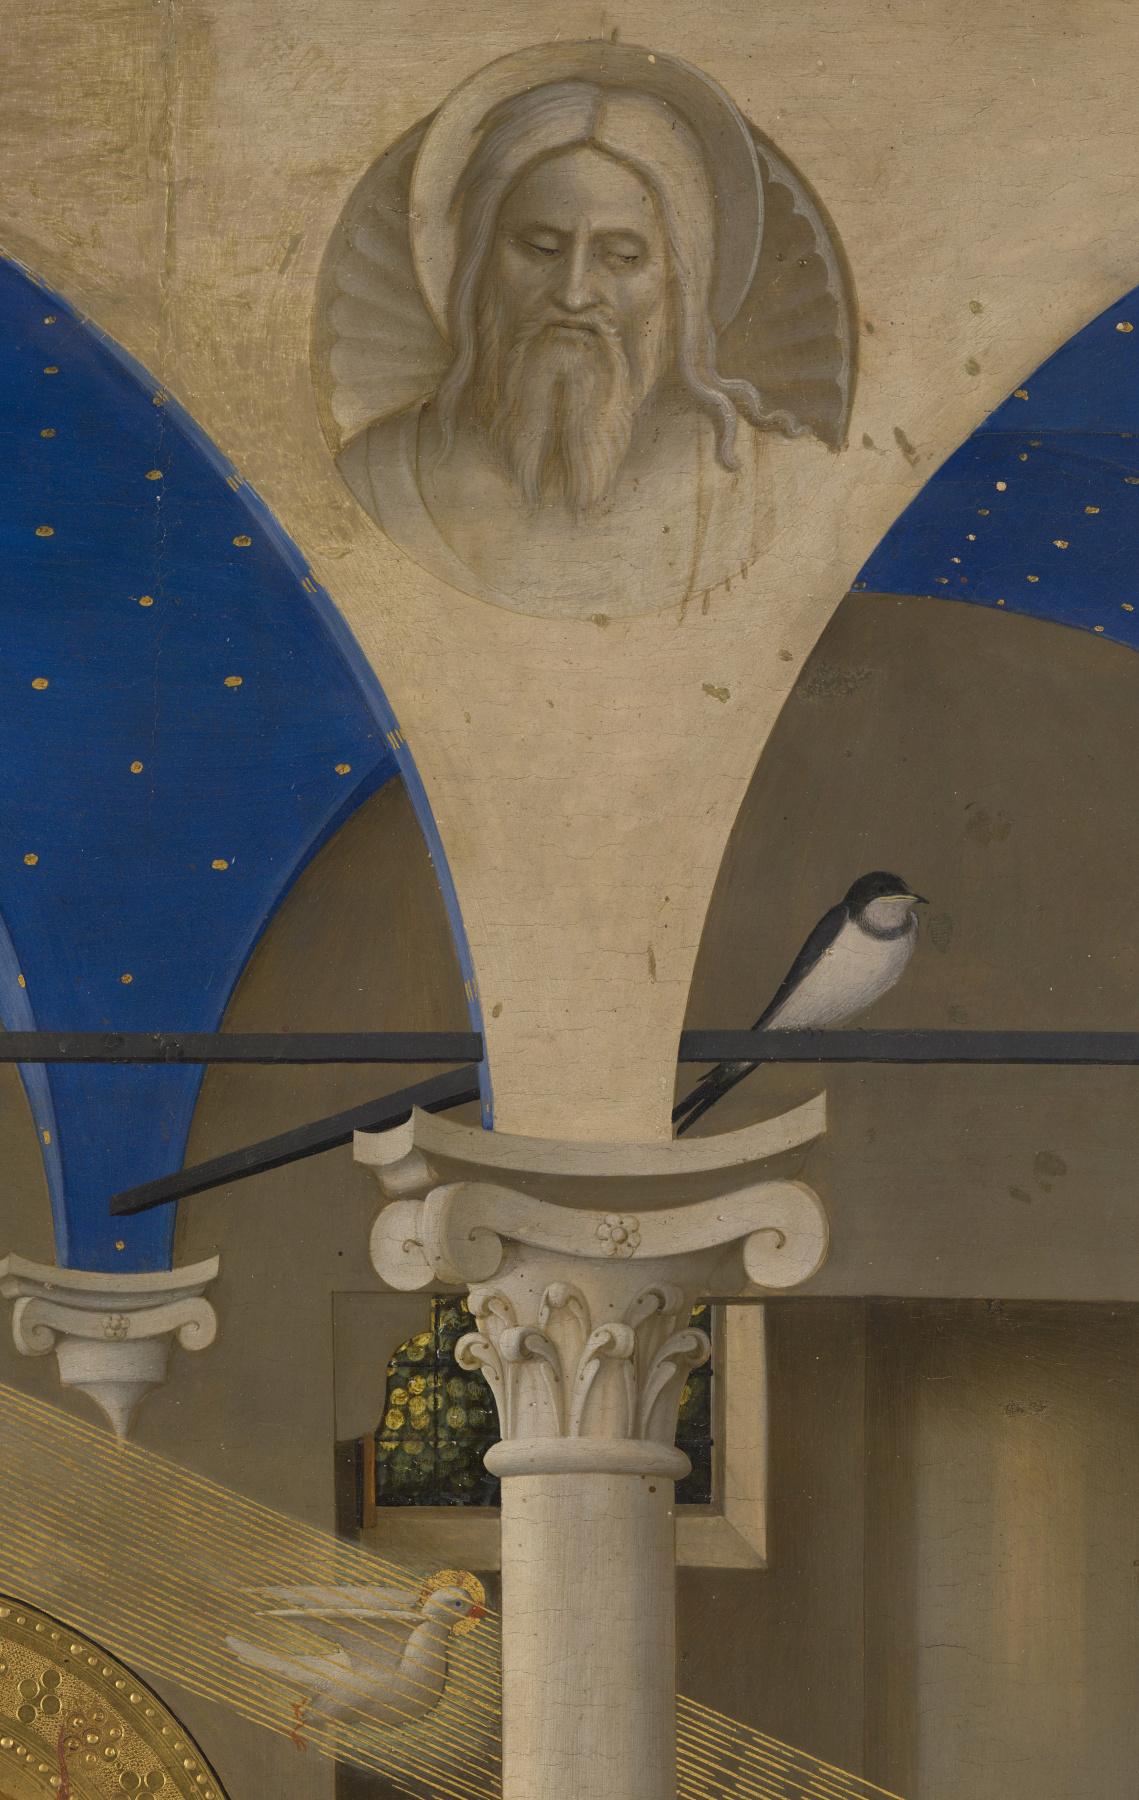 Фра Беато Анджелико. Алтарь Благовещение Марии. Фрагмент. Святой Дух